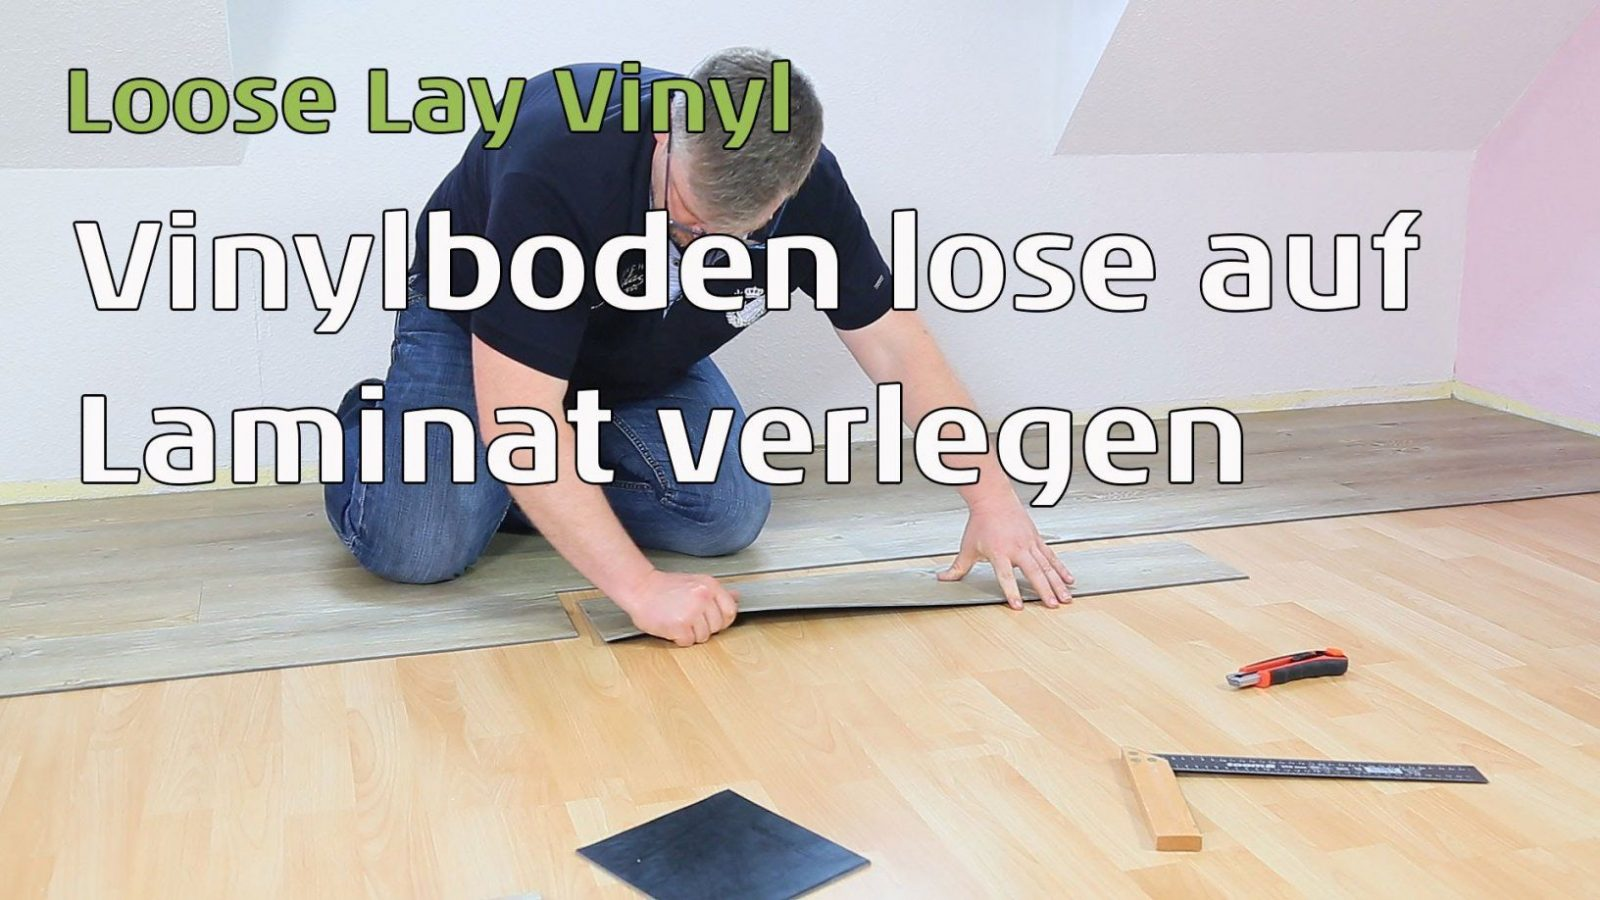 Vinylboden Lose Verlegen  Loose Lay Vinyl  Youtube von Vinylboden Auf Fliesen Fussbodenheizung Bild